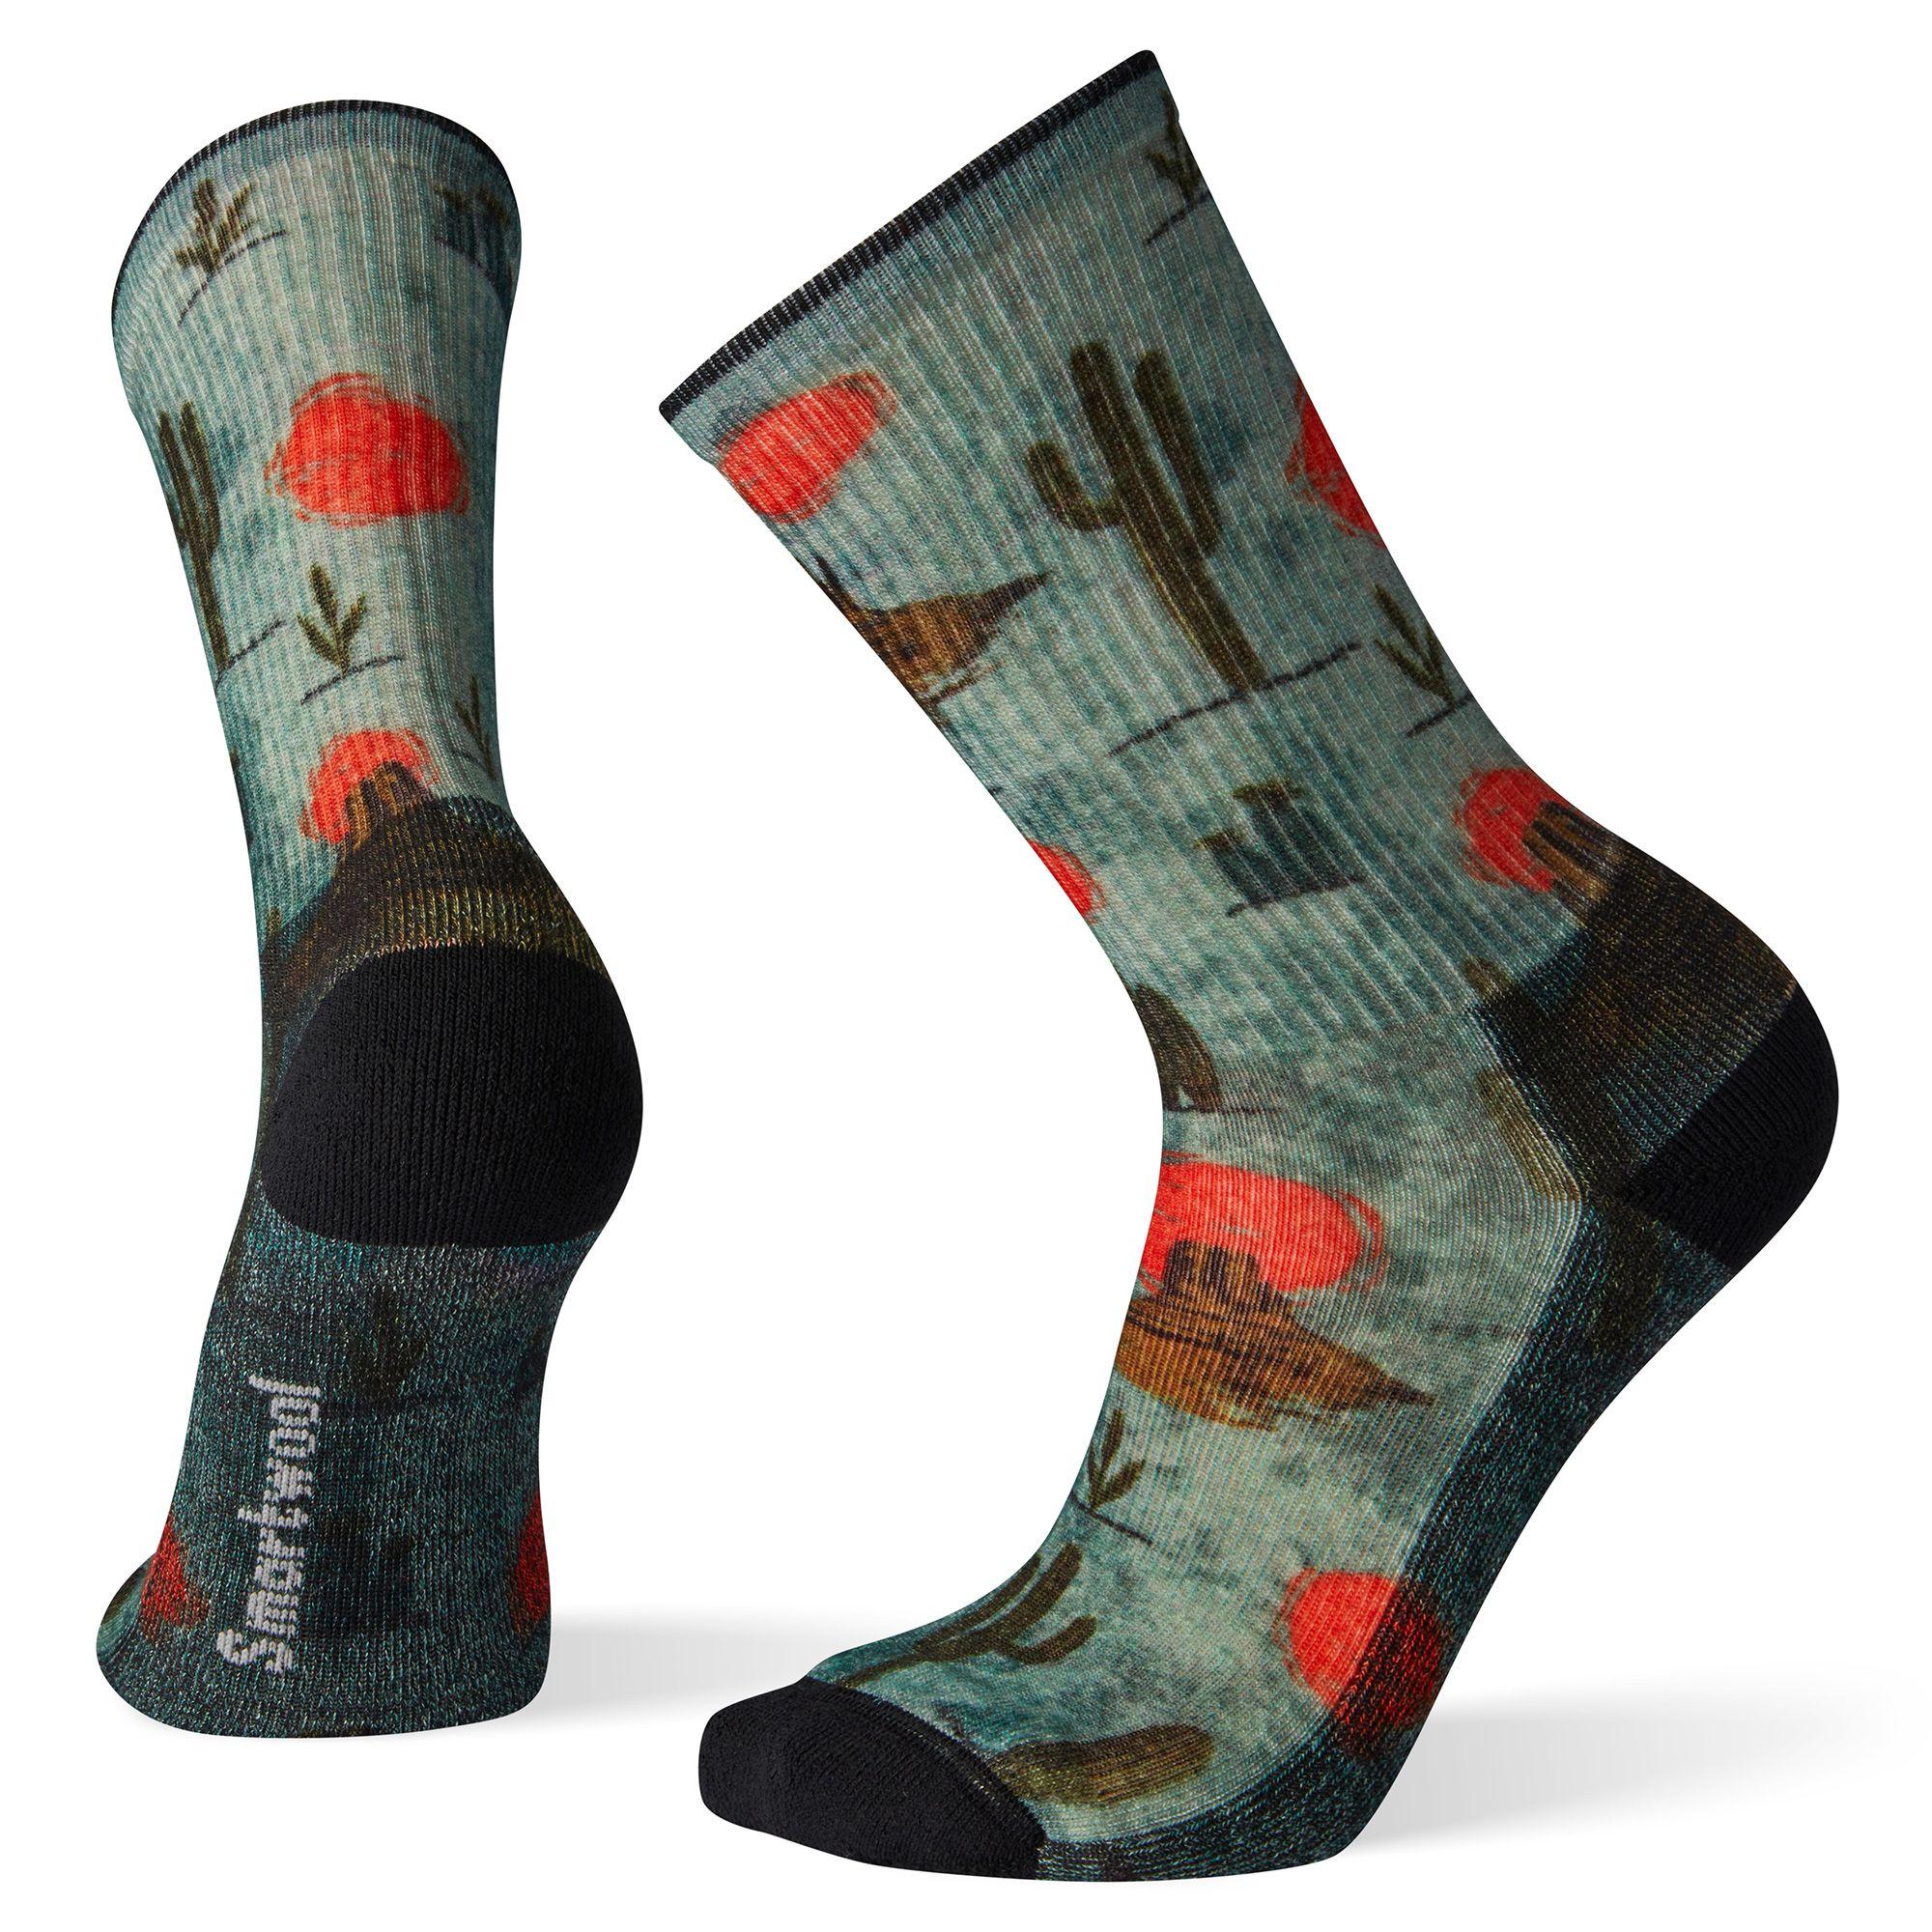 Hike Light Desert Solitaire Print Crew Socks